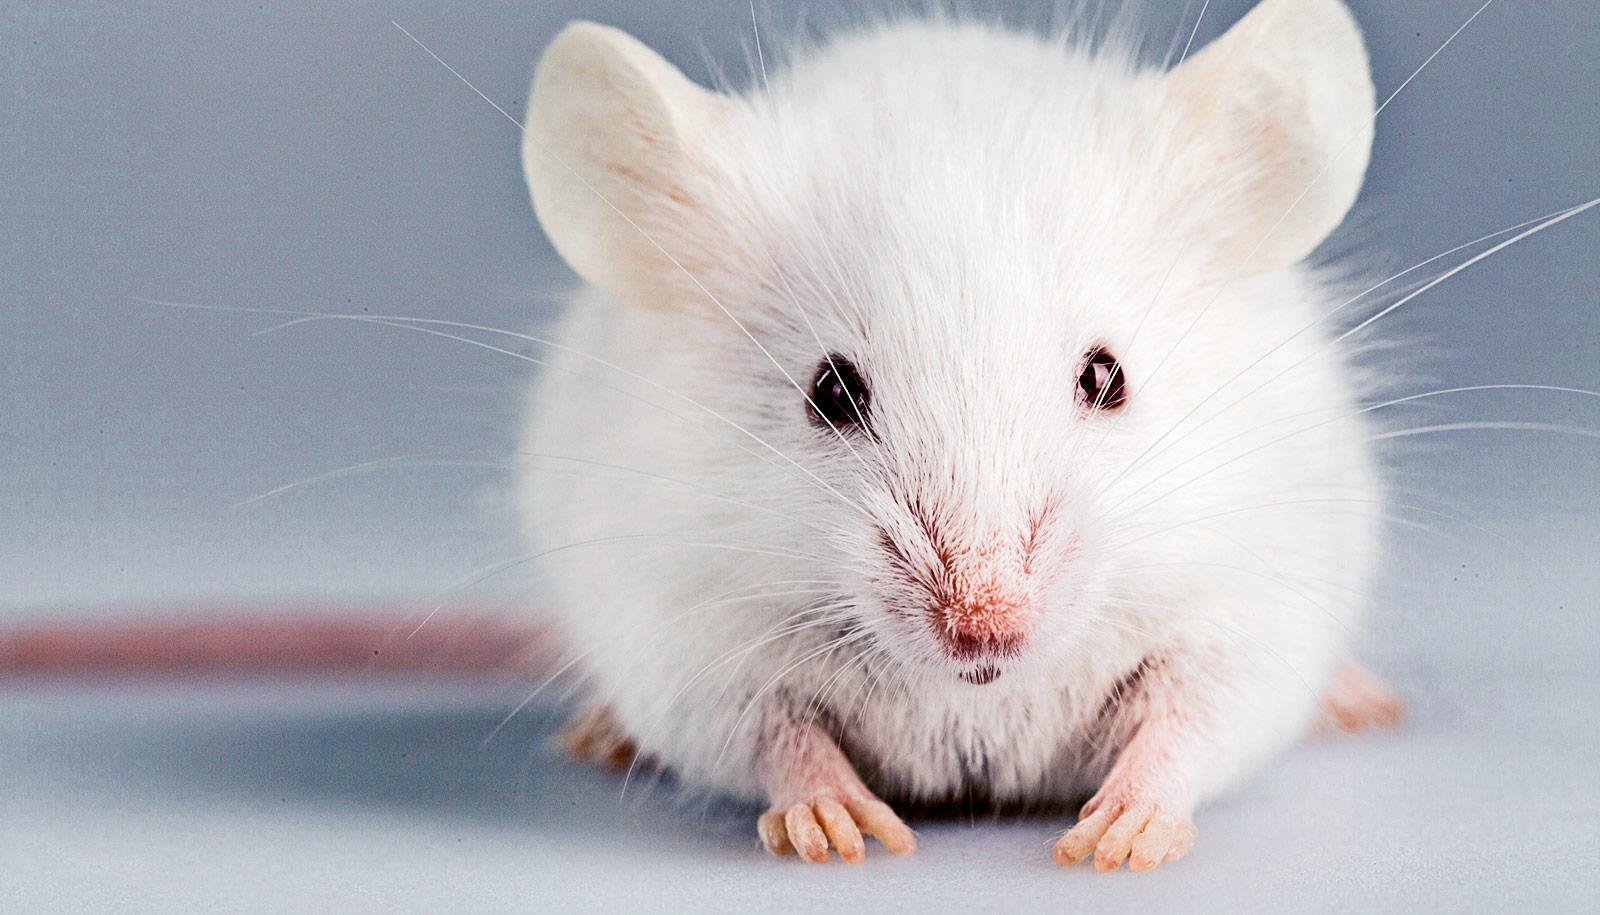 Два белка способствовали частичной регенерации ампутированных пальцев у мышей